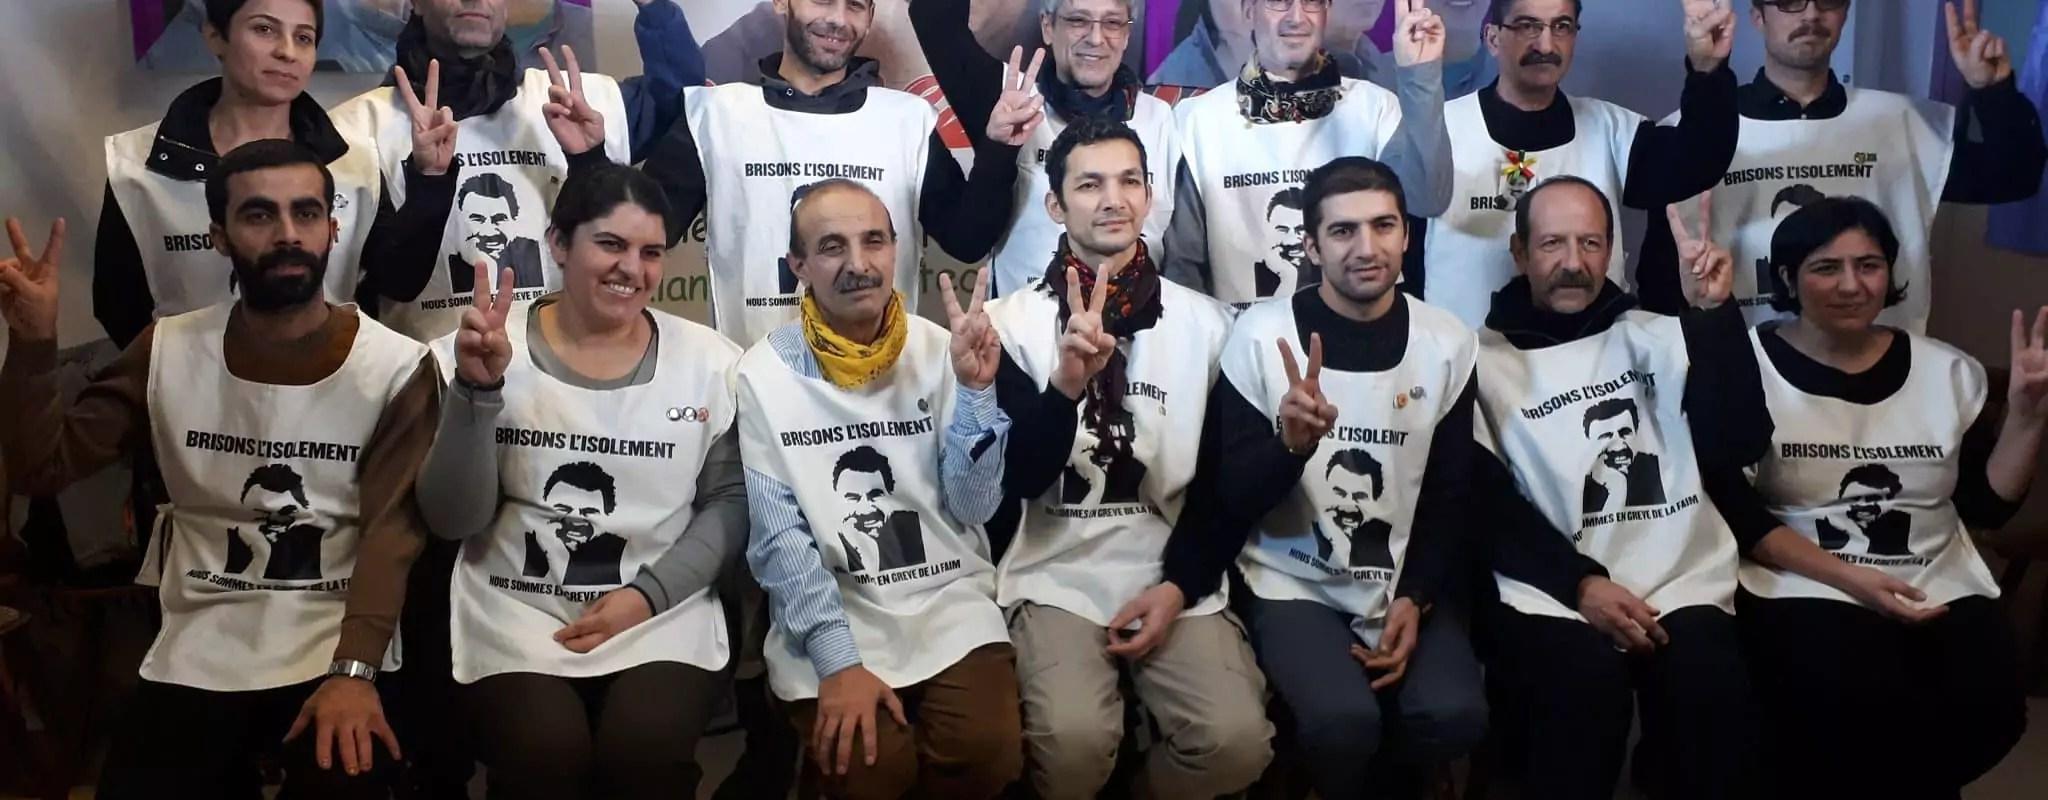 Pourquoi des militants kurdes sont en grève de la faim à Strasbourg depuis décembre